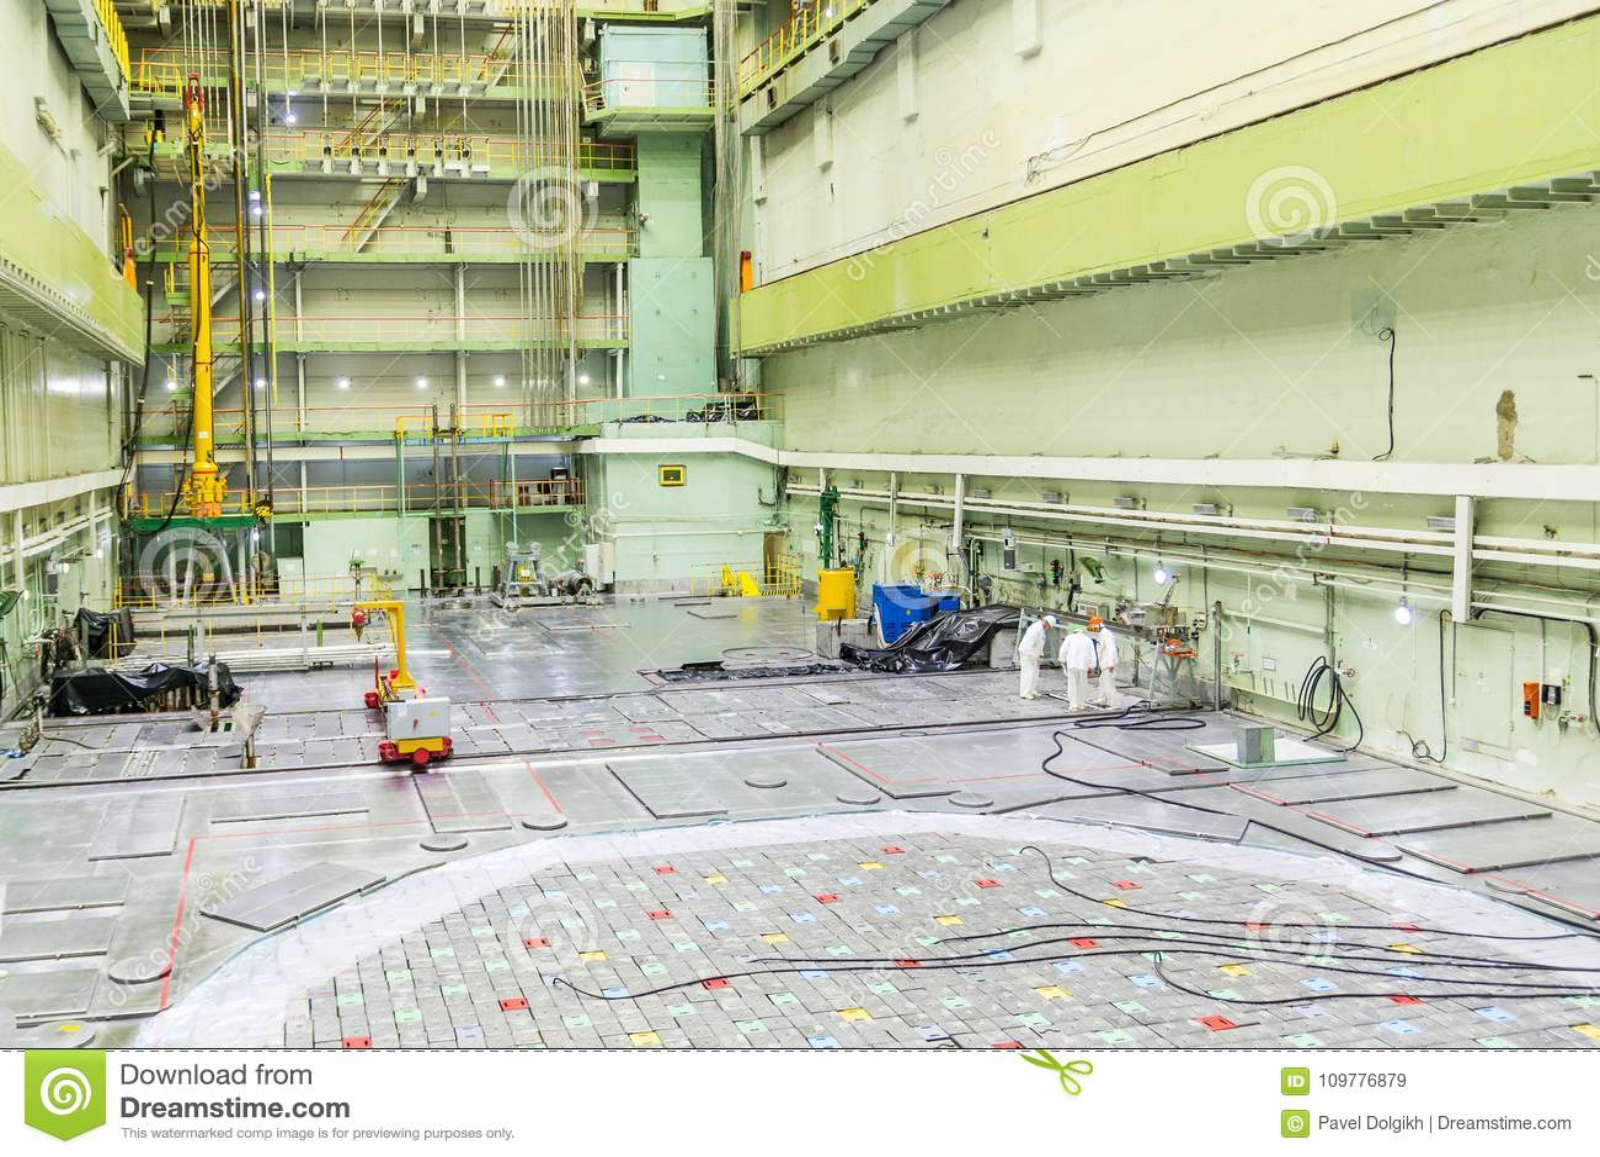 Sala do reator Tampa do reator nuclear, manutenção de equipamento e substituição dos elemento combustíveis do reator